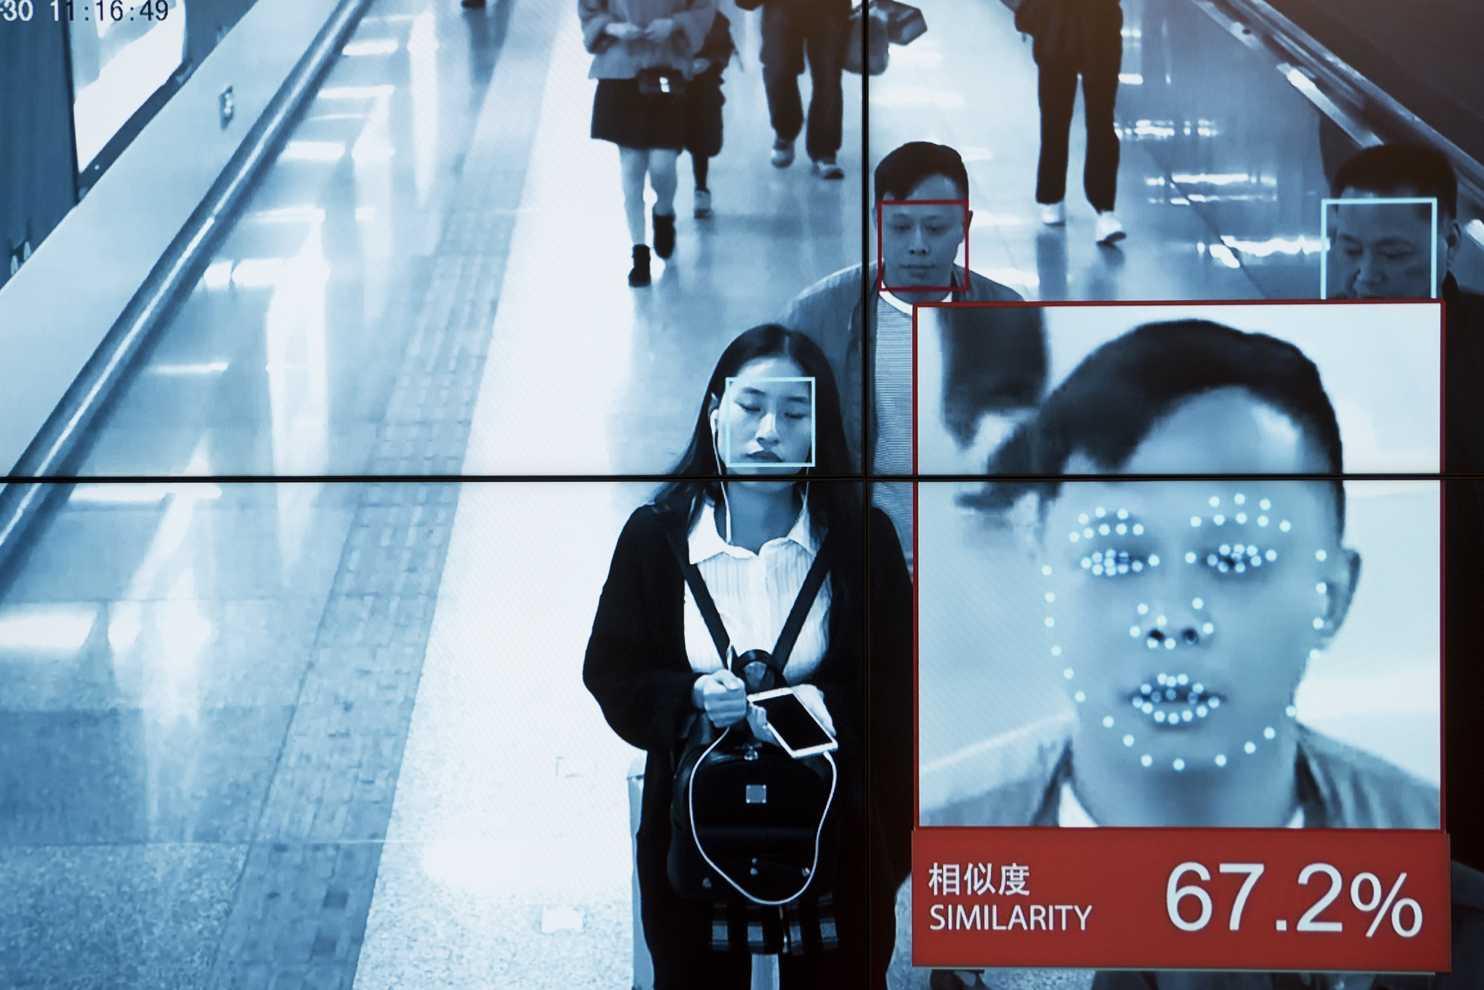 Η Κίνα χρησιμοποιεί DNA για να παρακολουθεί τους πολίτες